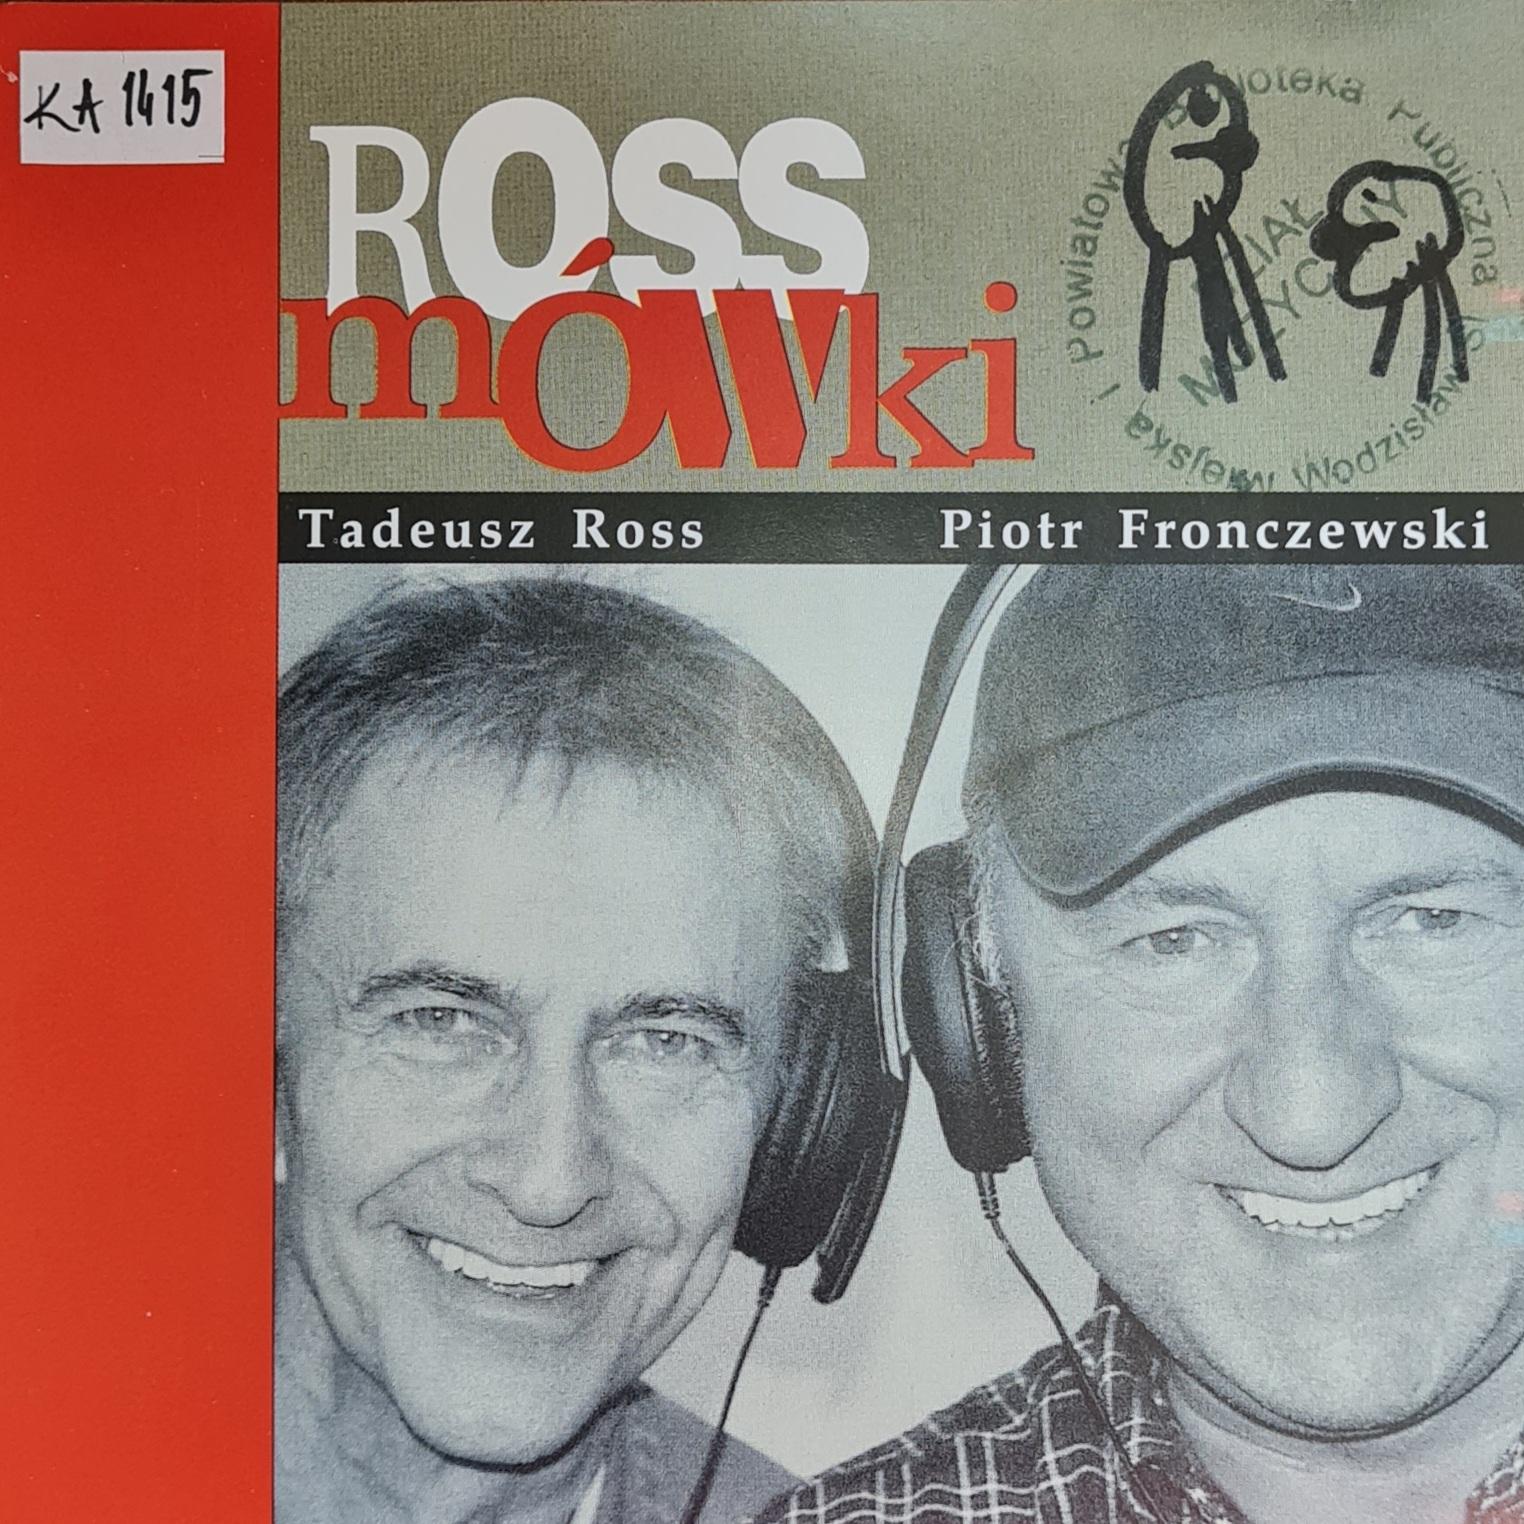 Ross Tadeusz, Fronczewski Piotr Rossmówki